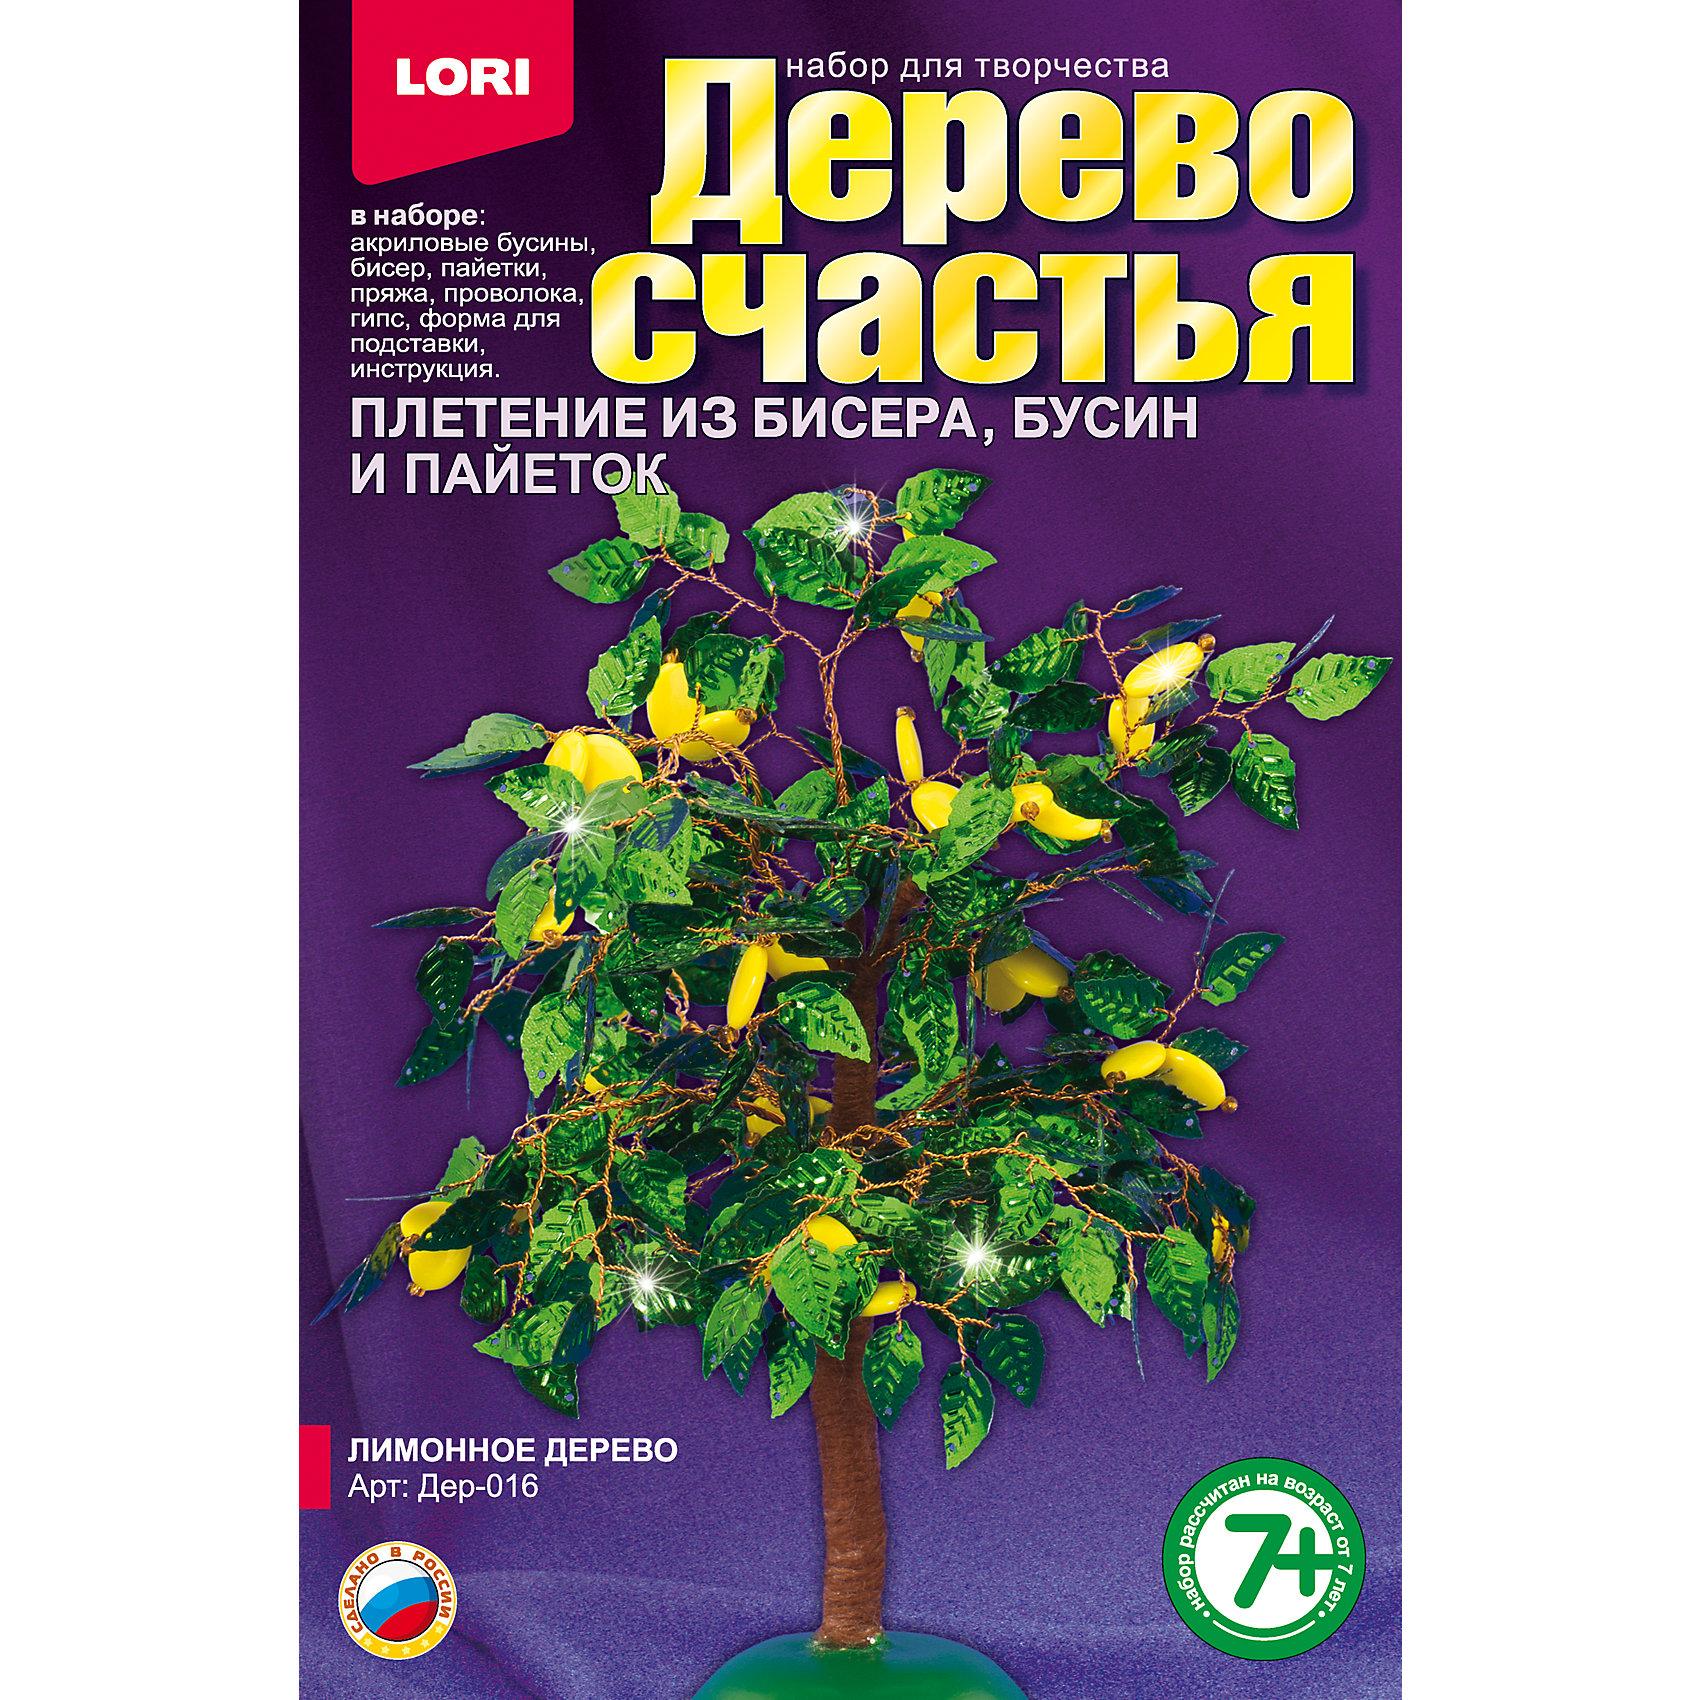 Дерево счастья Лимонное деревоХарактеристики товара:<br><br>• цвет: разноцветный<br>• размер упаковки: 13х20х4 см<br>• вес: 190 г<br>• комплектация: бисер, акриловые бусины, пайетки, пряжа коричневая, проволока, гипс, полистирольная форма для заливки гипса, подробная инструкция<br>• возраст: от семи лет<br>• упаковка: картонная коробка<br>• страна бренда: РФ<br>• страна изготовитель: РФ<br><br>Творчество - это увлекательно и полезно! Такой набор станет отличным подарком ребенку - ведь с помощью него можно получить красивое дерево счастья! В набор входит бисер, акриловые бусины, пайетки, пряжа коричневая, проволока, гипс, полистирольная форма для заливки гипса, подробная инструкция. Чтобы сделать дерево, ребенку нужно заполнить следовать указаниям инструкции. В итоге получается украшение для интерьера или подарок родным.<br>Детям очень нравится что-то делать своими руками! Кроме того, творчество помогает детям развивать важные навыки и способности, оно активизирует мышление, формирует усидчивость, творческие способности, мелкую моторику и воображение. Изделие производится из качественных и проверенных материалов, которые безопасны для детей.<br><br>Набор Дерево счастья Лимонное дерево от бренда LORI можно купить в нашем интернет-магазине.<br><br>Ширина мм: 208<br>Глубина мм: 135<br>Высота мм: 40<br>Вес г: 181<br>Возраст от месяцев: 84<br>Возраст до месяцев: 144<br>Пол: Женский<br>Возраст: Детский<br>SKU: 5158195